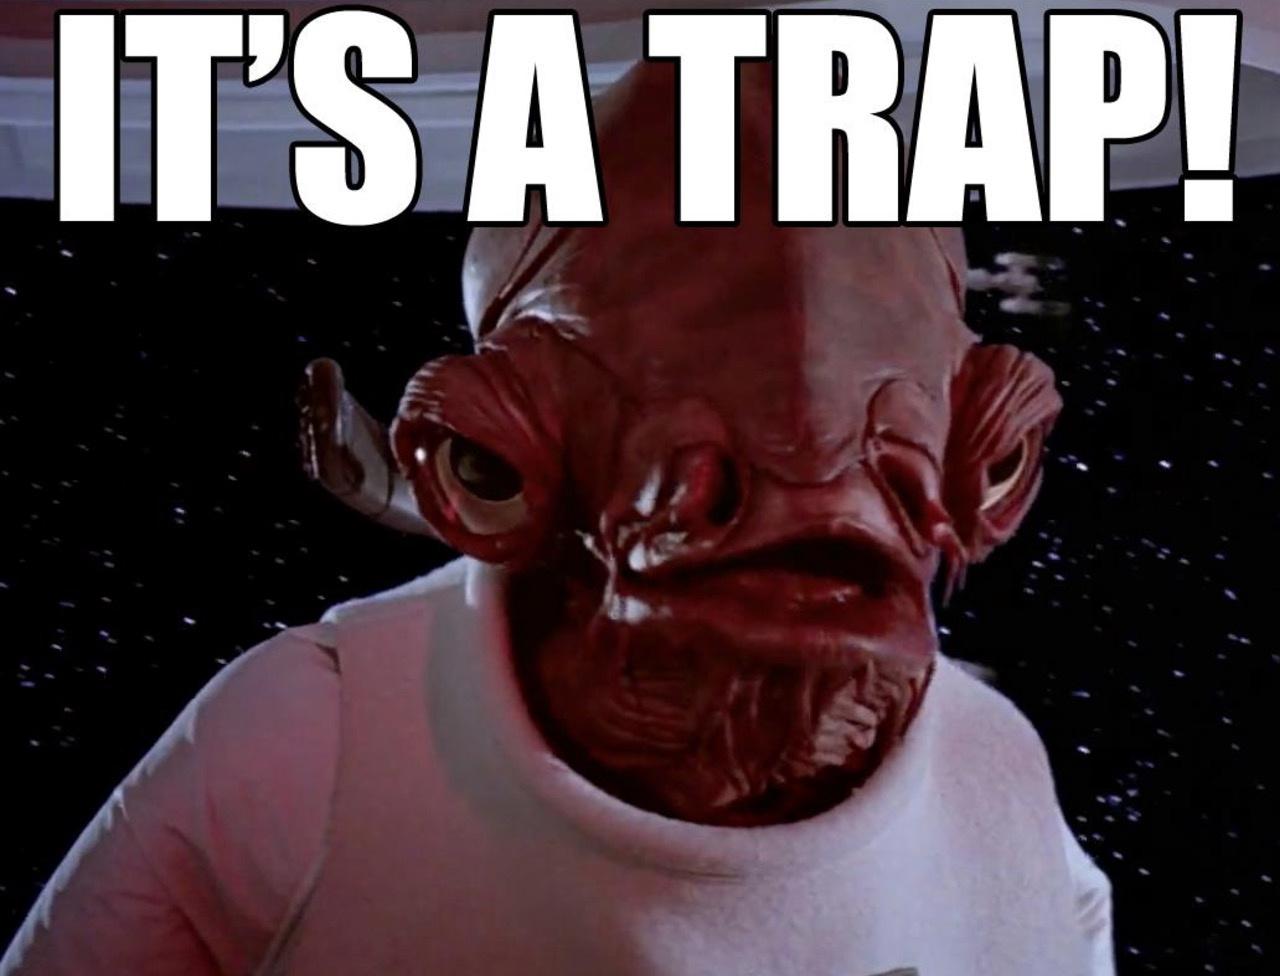 admiral-ackbar-its-a-trap-meme.jpg